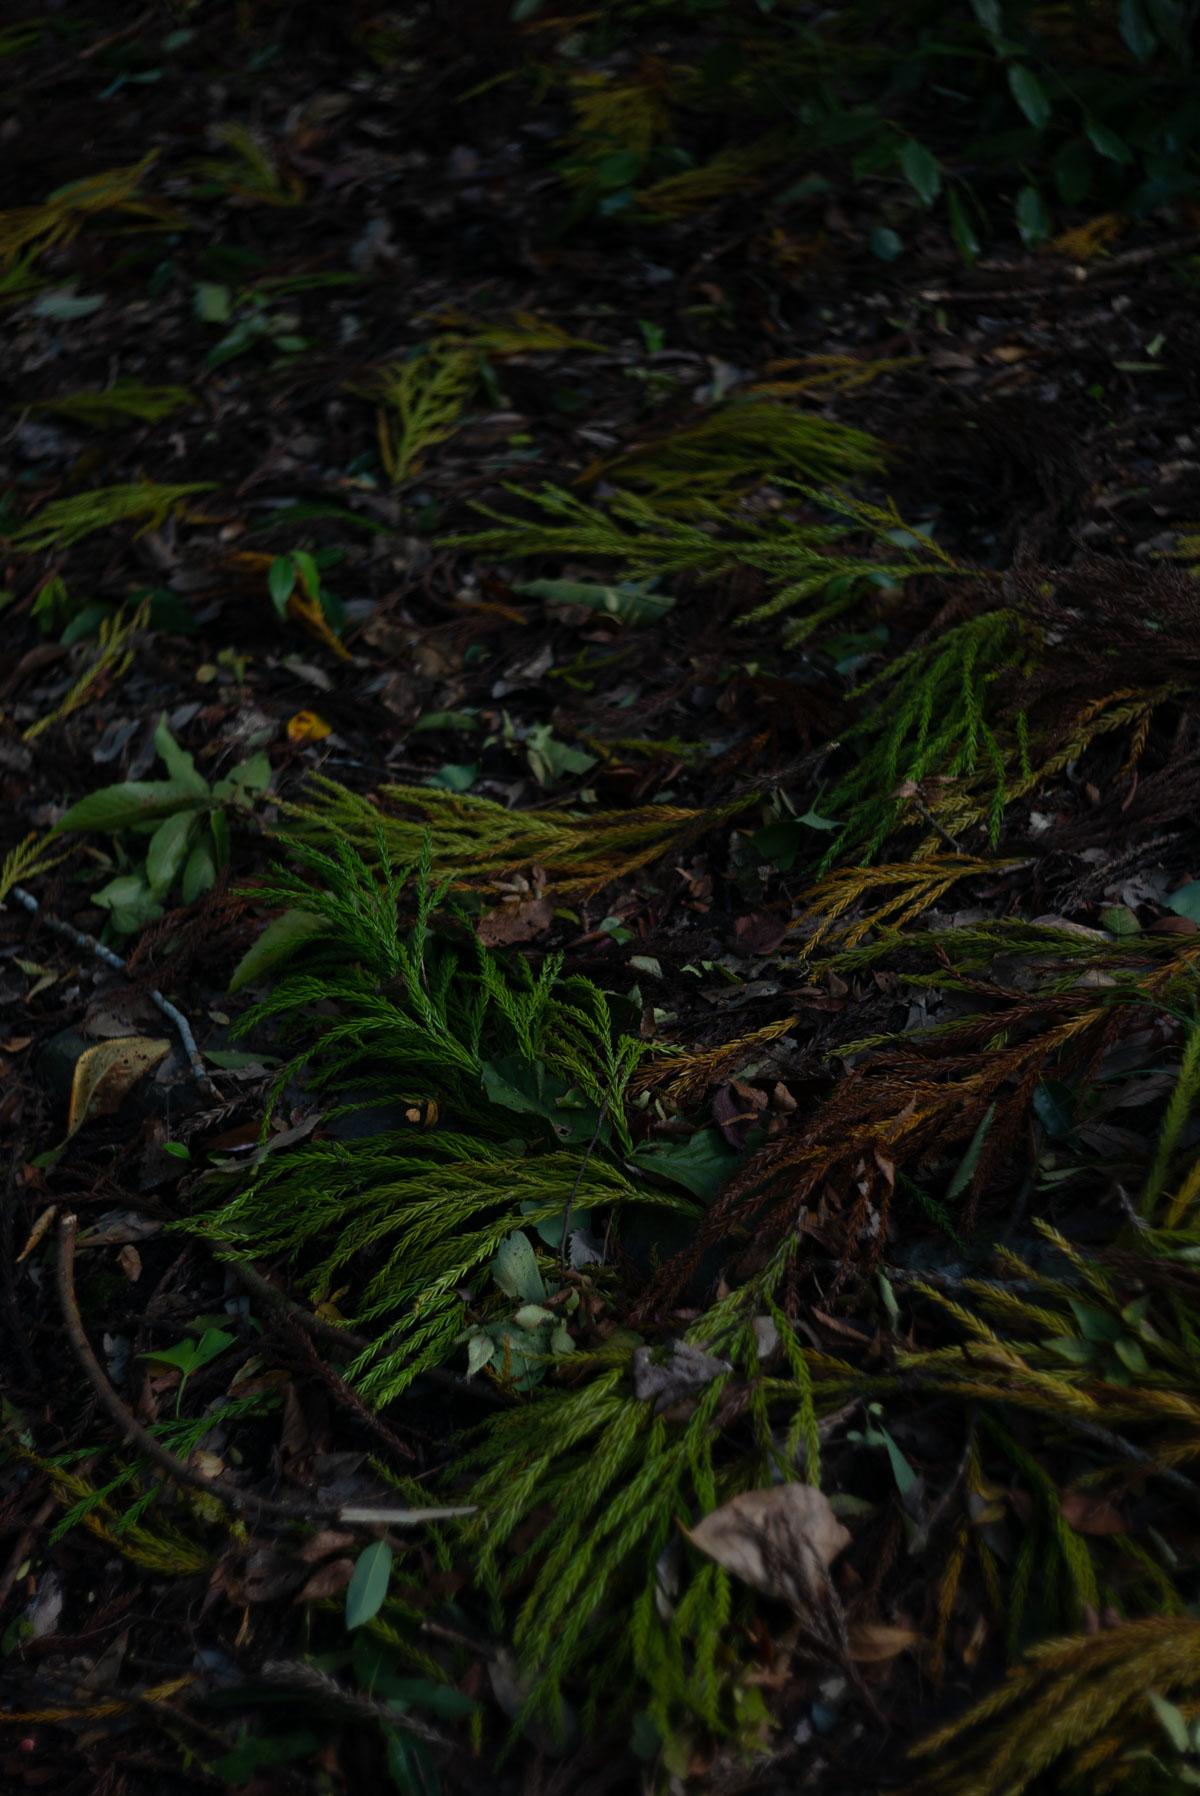 落ちていた色とりどりの葉